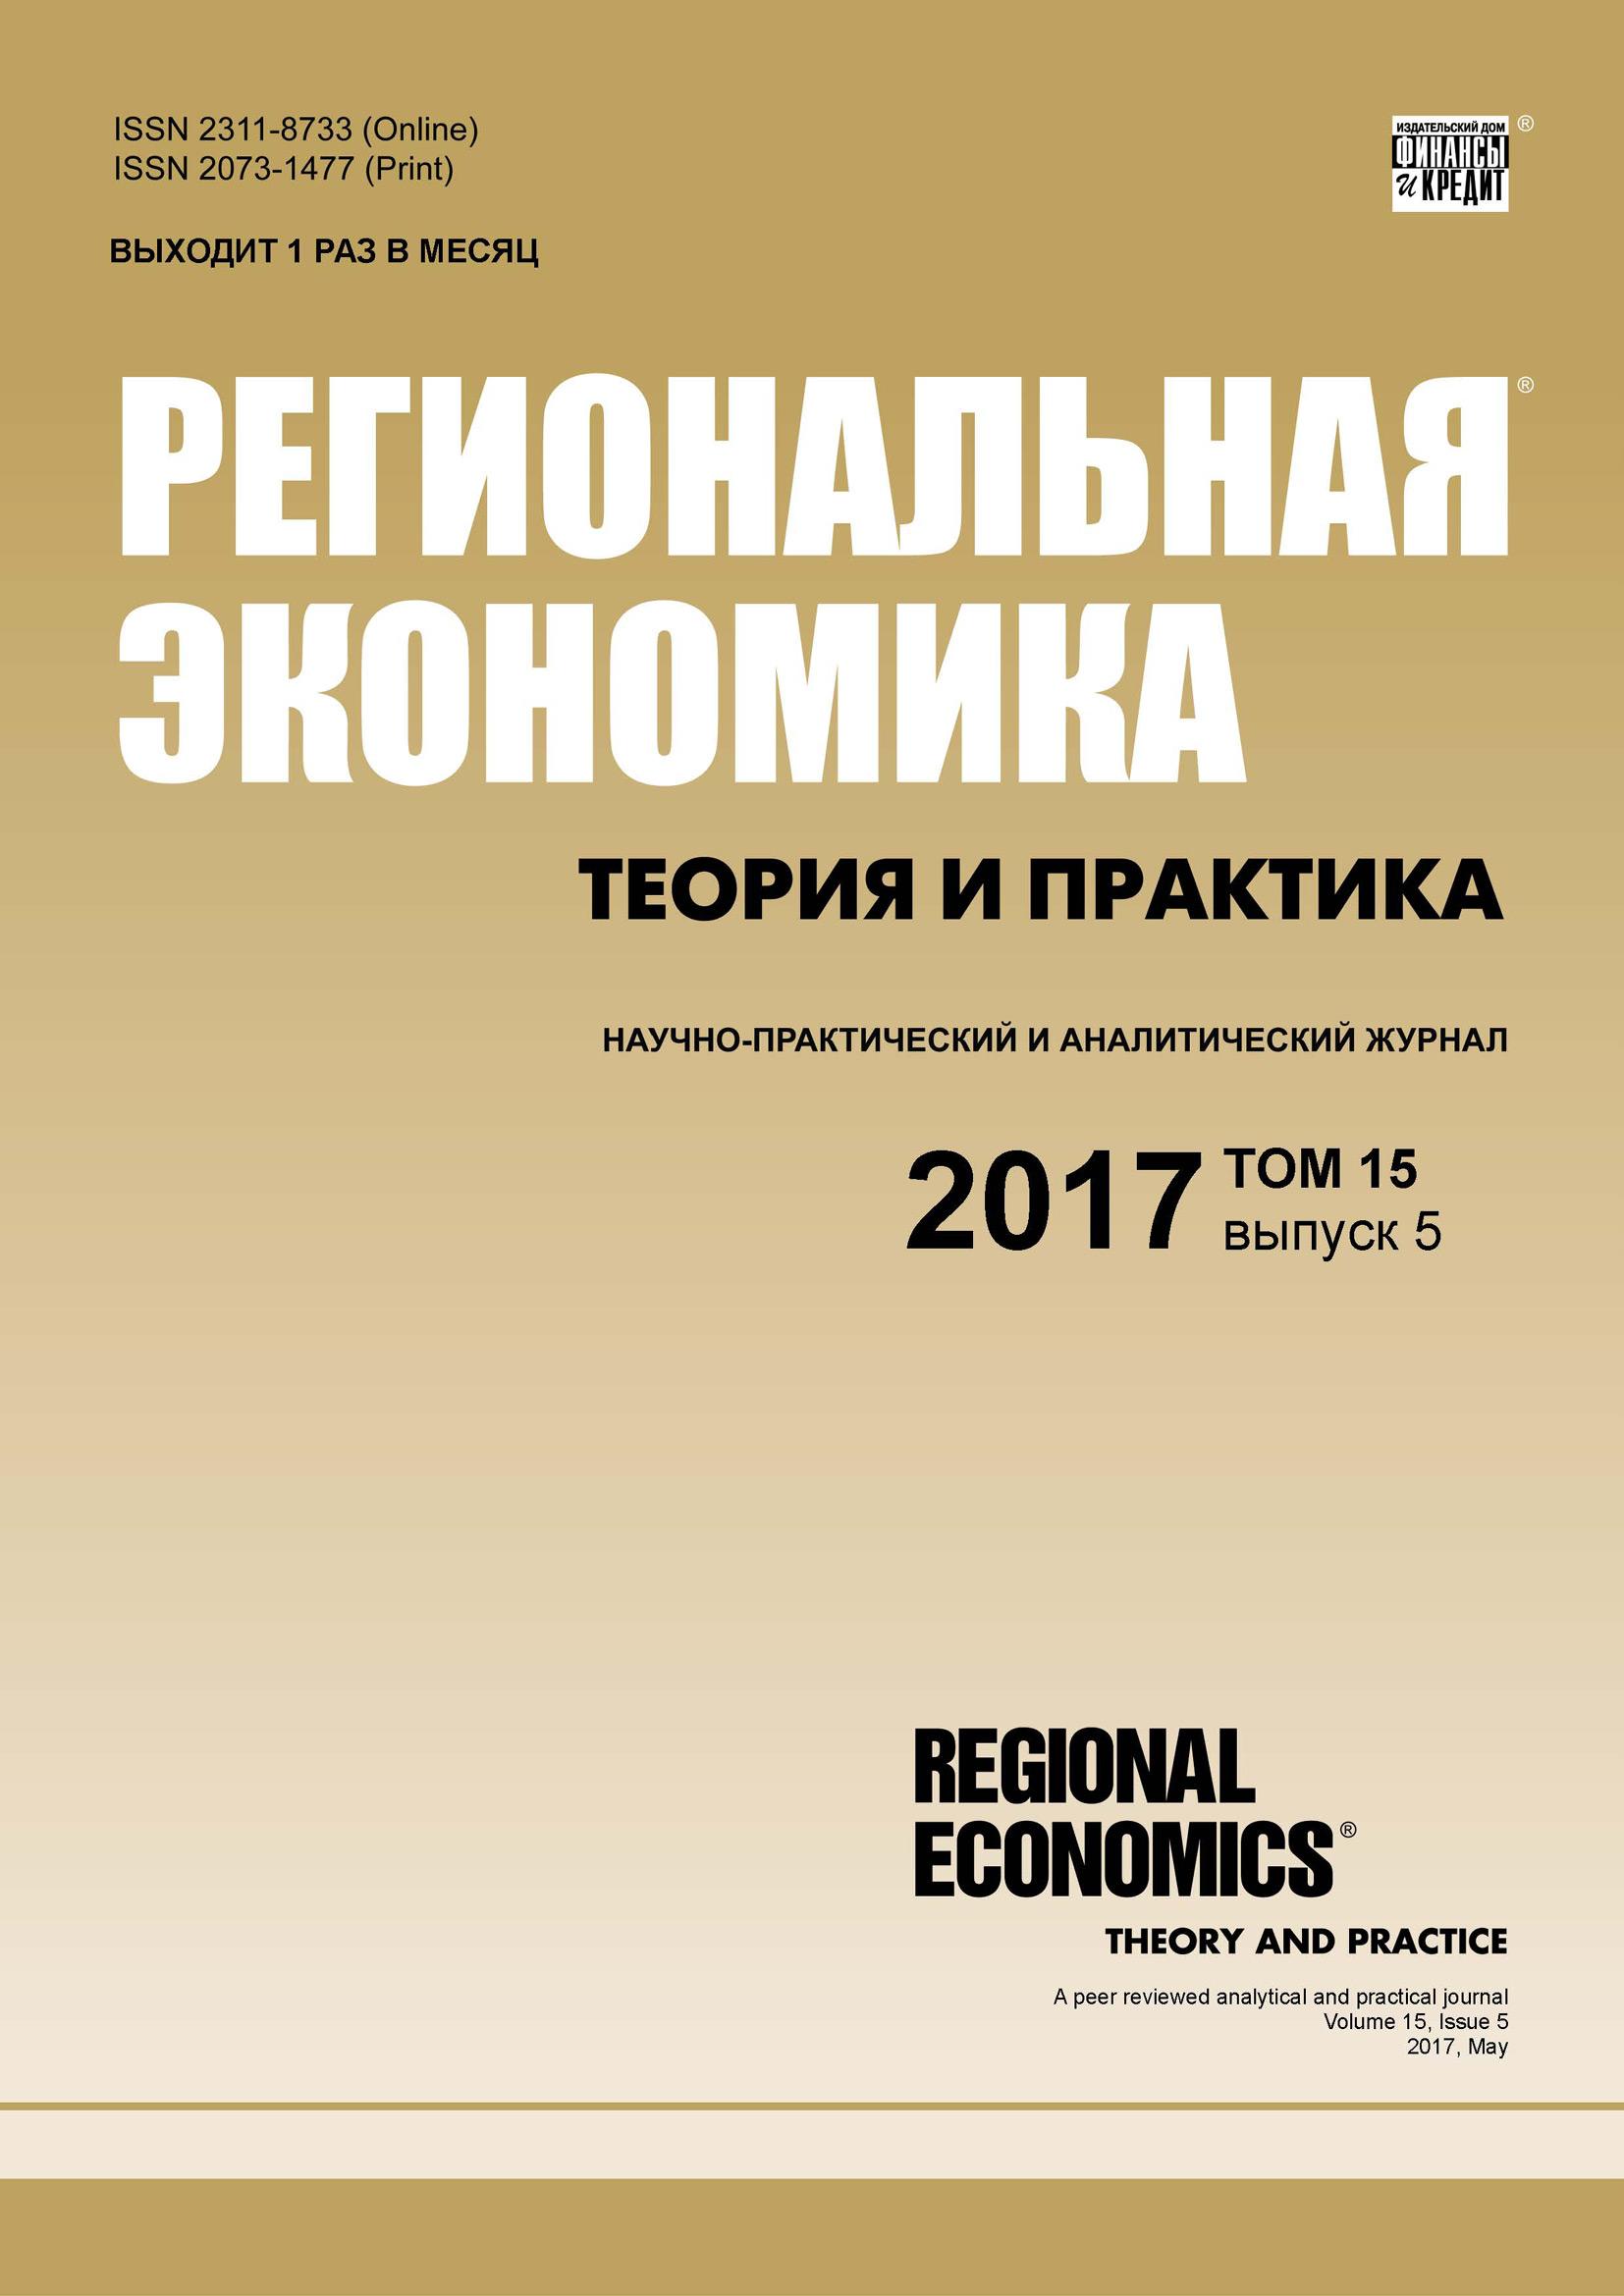 Отсутствует Региональная экономика: теория и практика № 5 2017 ларионов и сильвестров с ред экономическая теория экономические системы формирование и развитие учебник